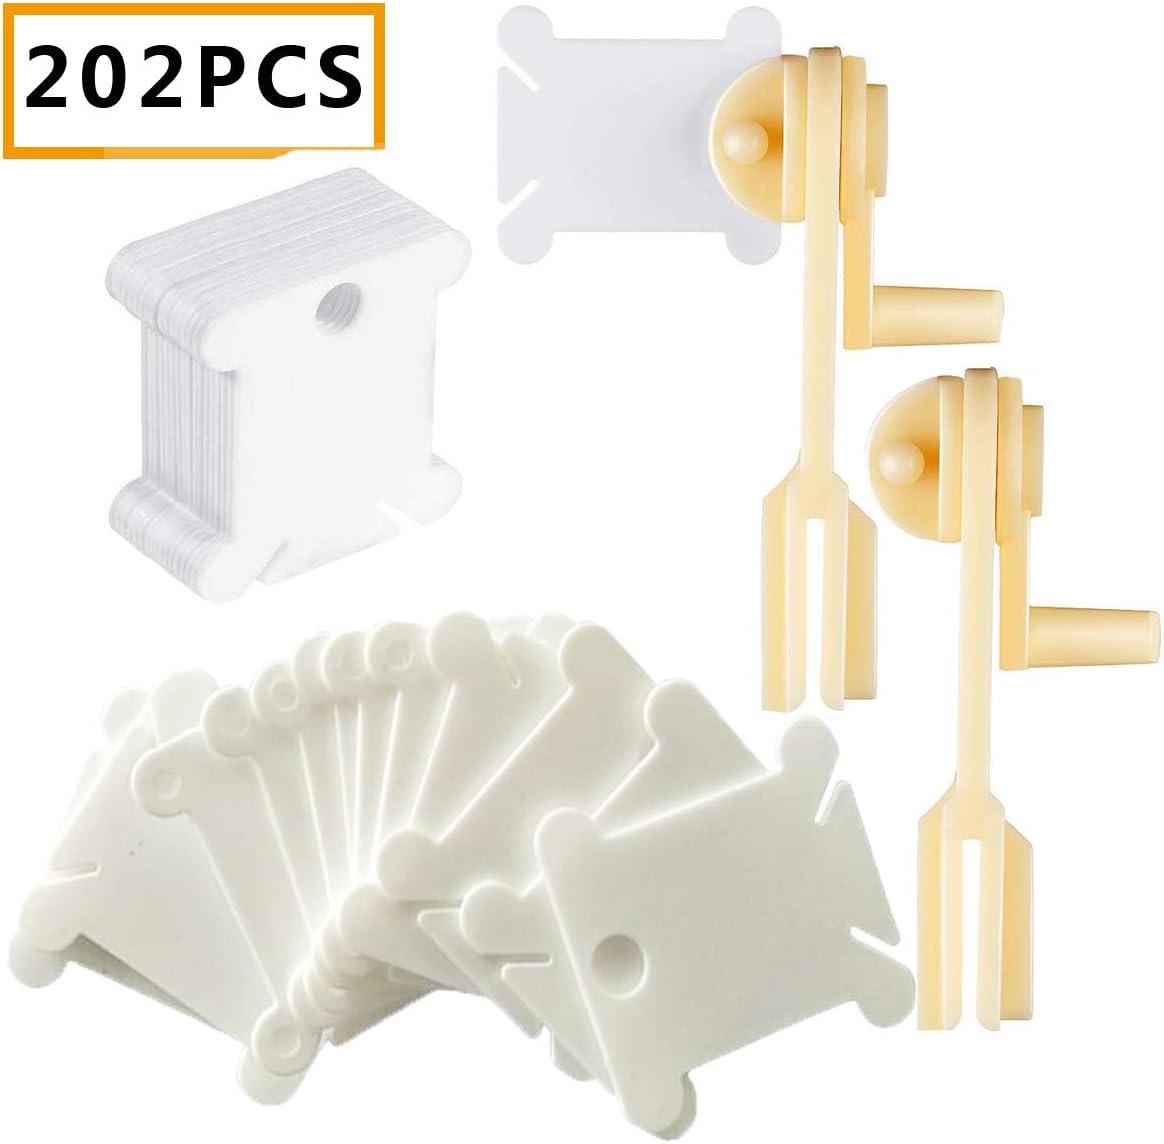 200PCS Bobinas de Hilo Punto de Cruz,Osuter Plastico Bobinas con 2PCS Bobinadora para Arte Bordado Tejeduría Manualidades